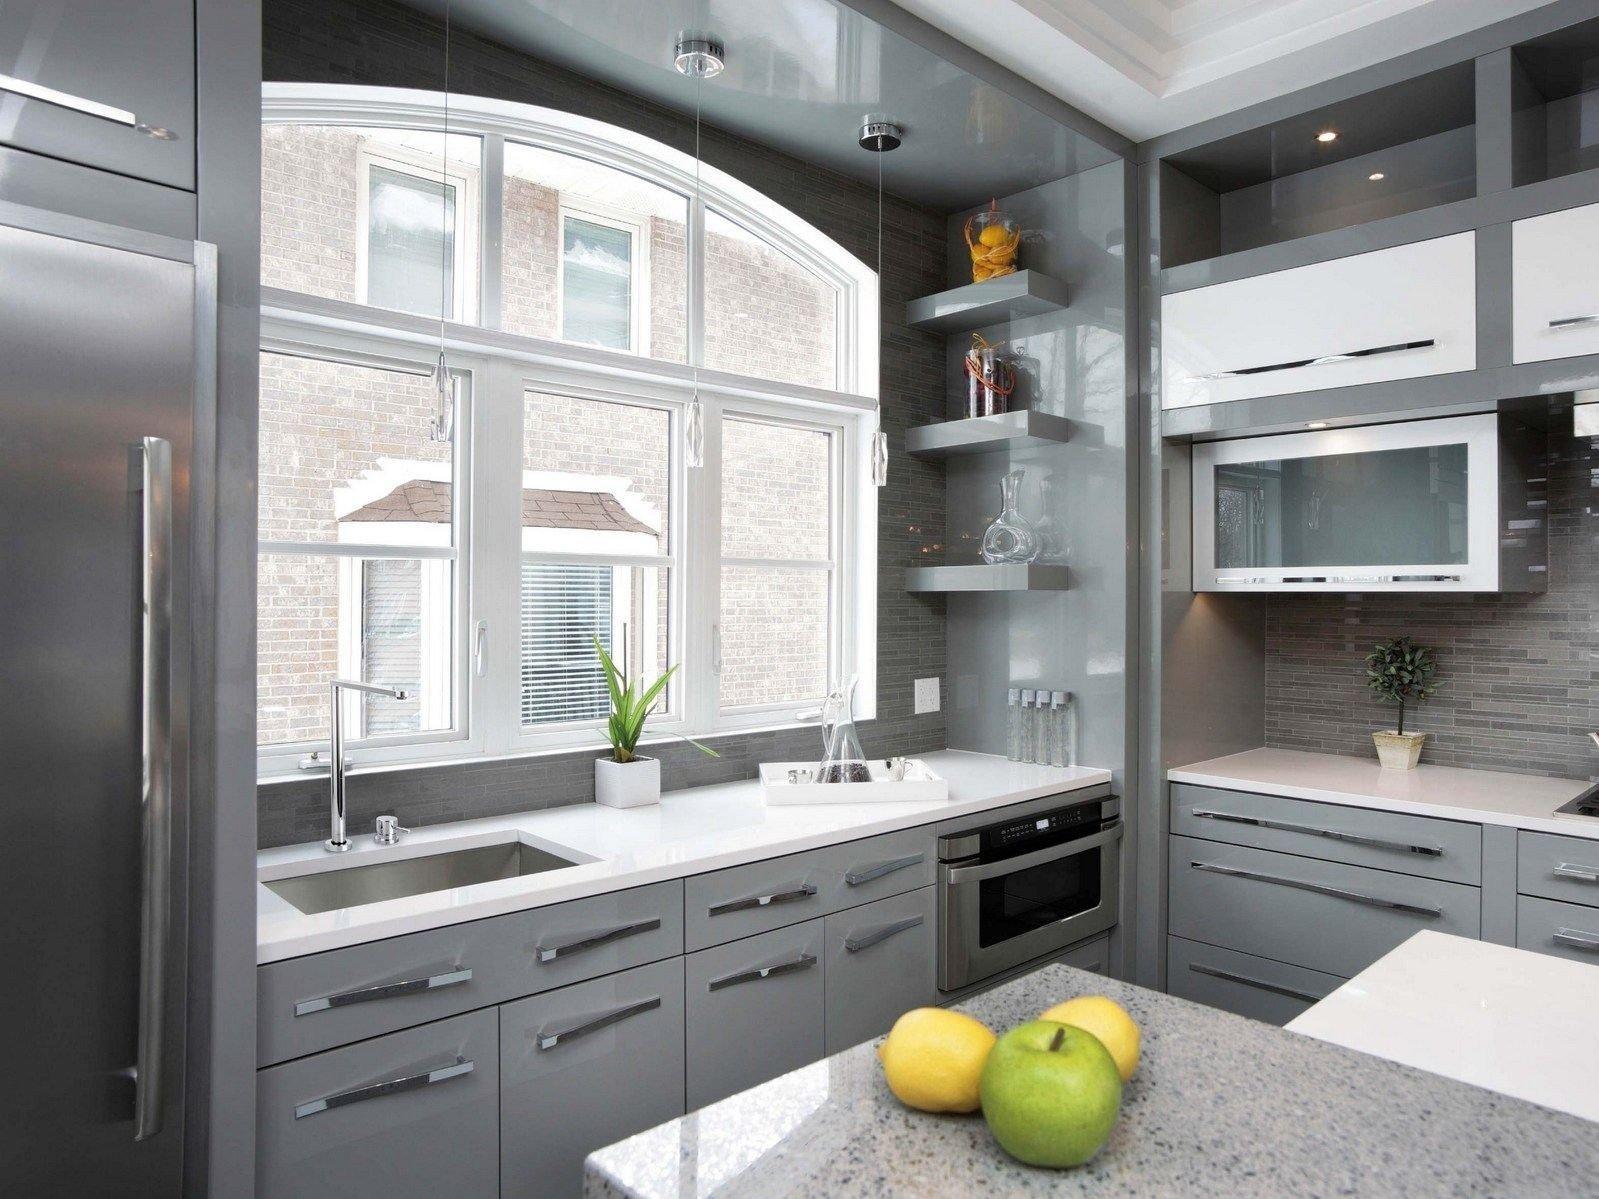 Soluzioni salvaspazio ed ergonomiche per la cucina for Salvaspazio cucina